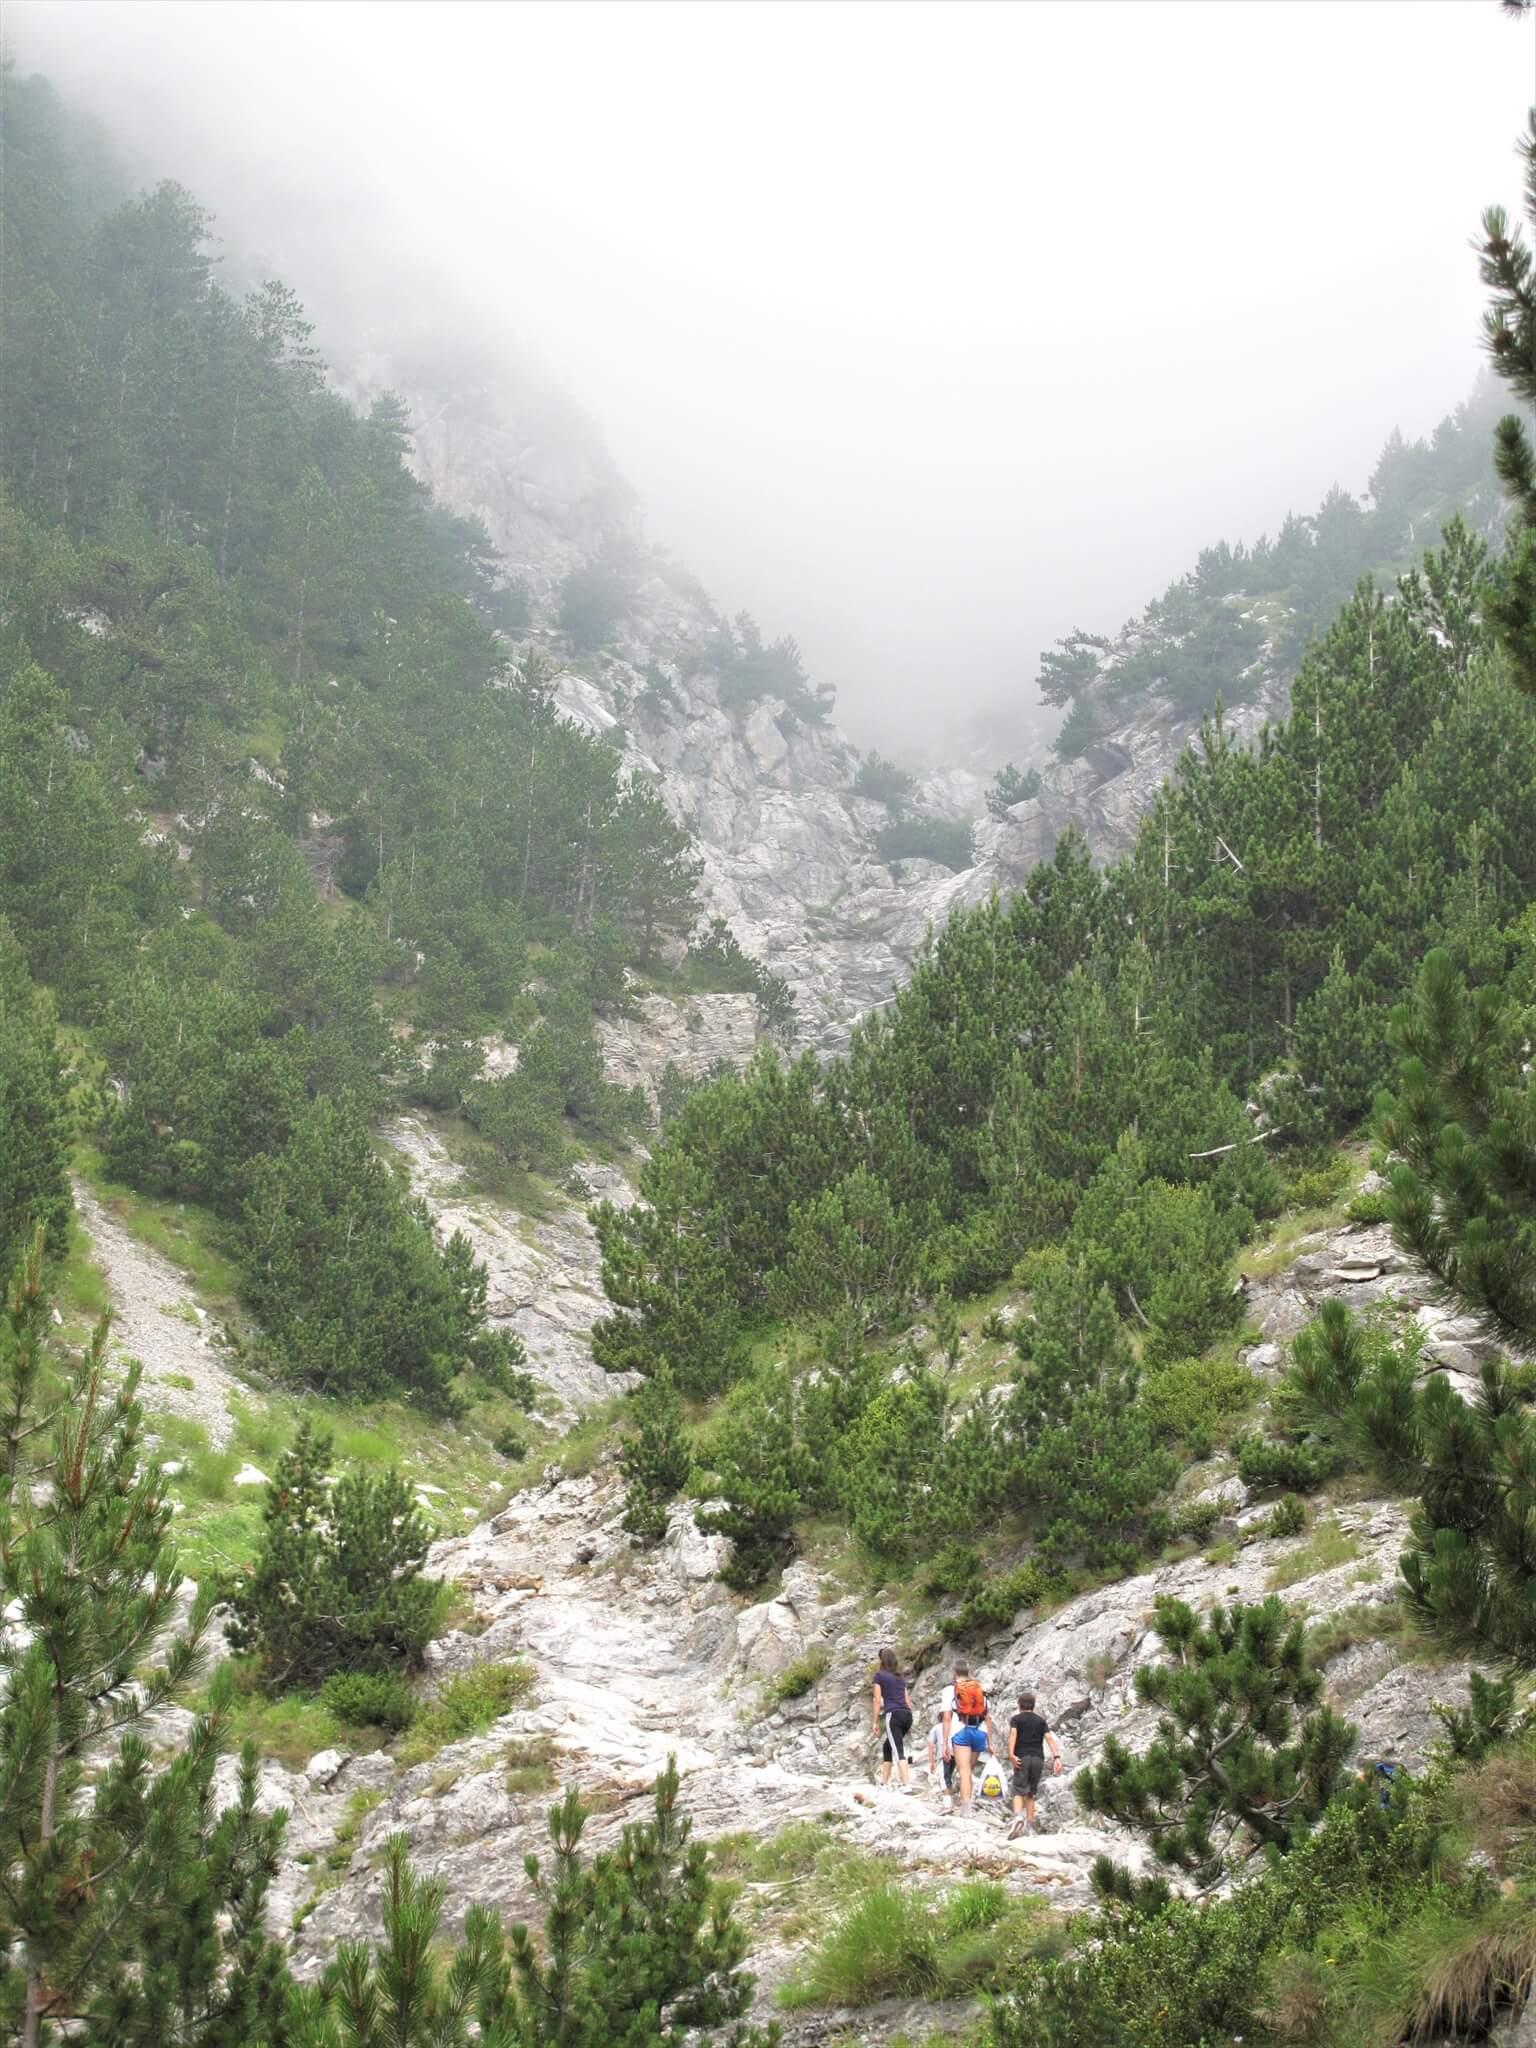 松の木と白い岩の道